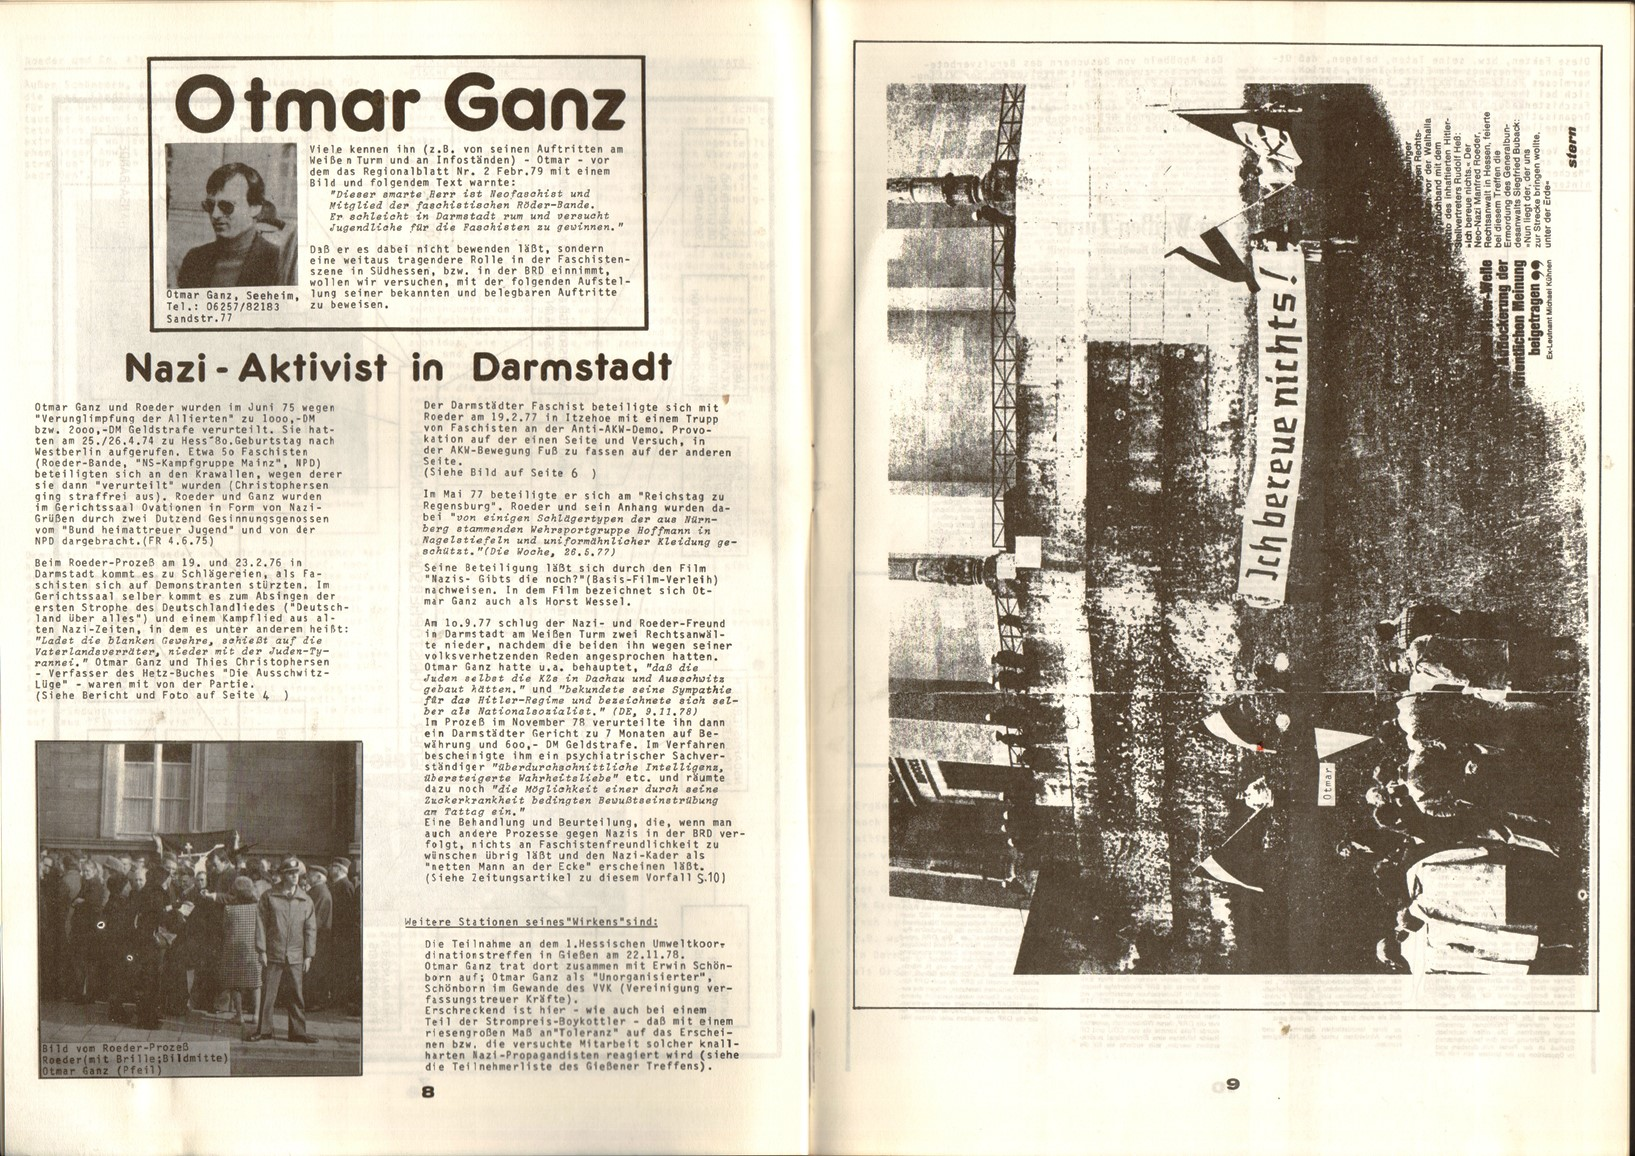 Darmstadt_KB_1979_Faschisten_und_ihr_Umfeld_06